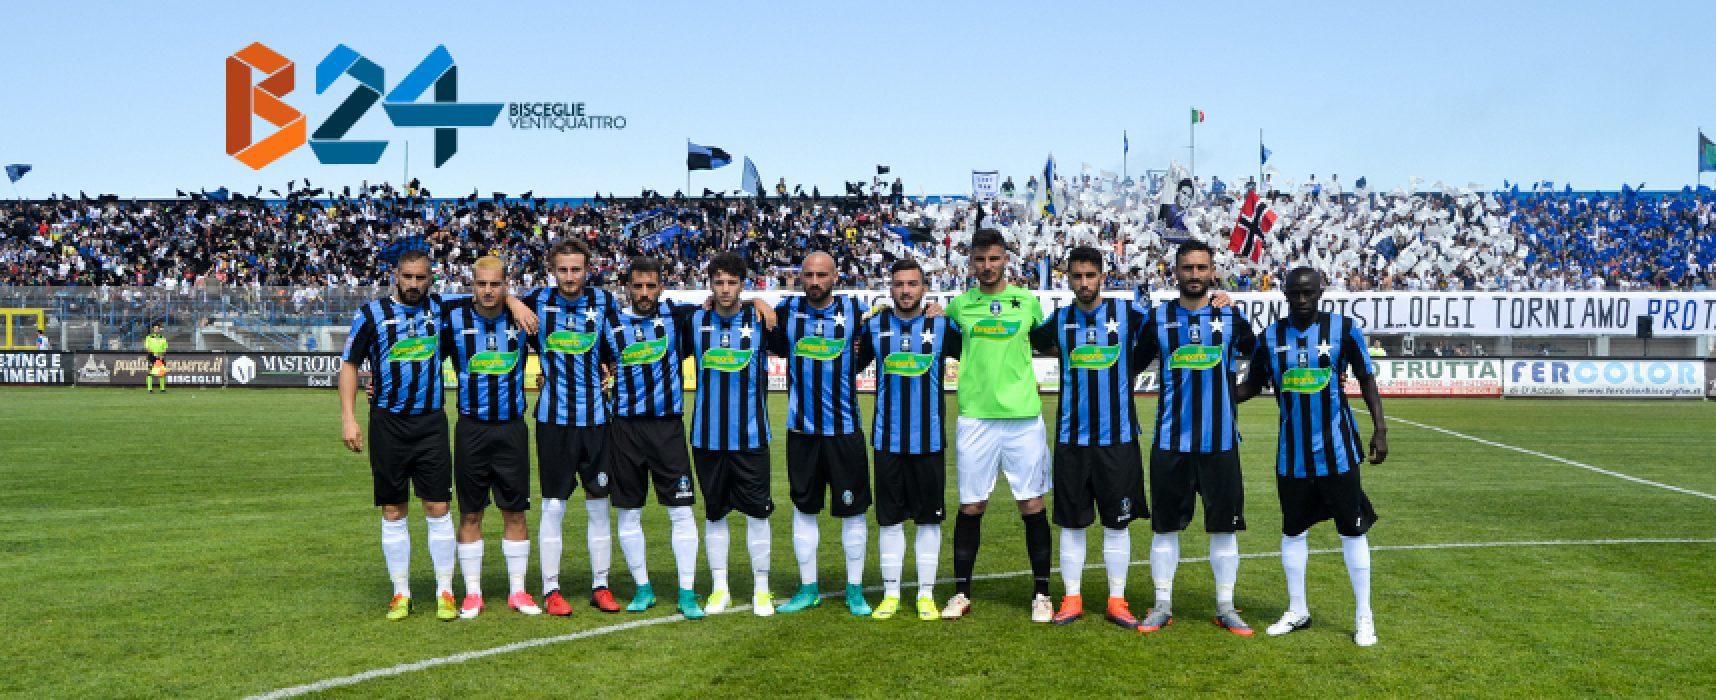 Poule Scudetto Serie D: Bisceglie Calcio organizza volo charter per i tifosi